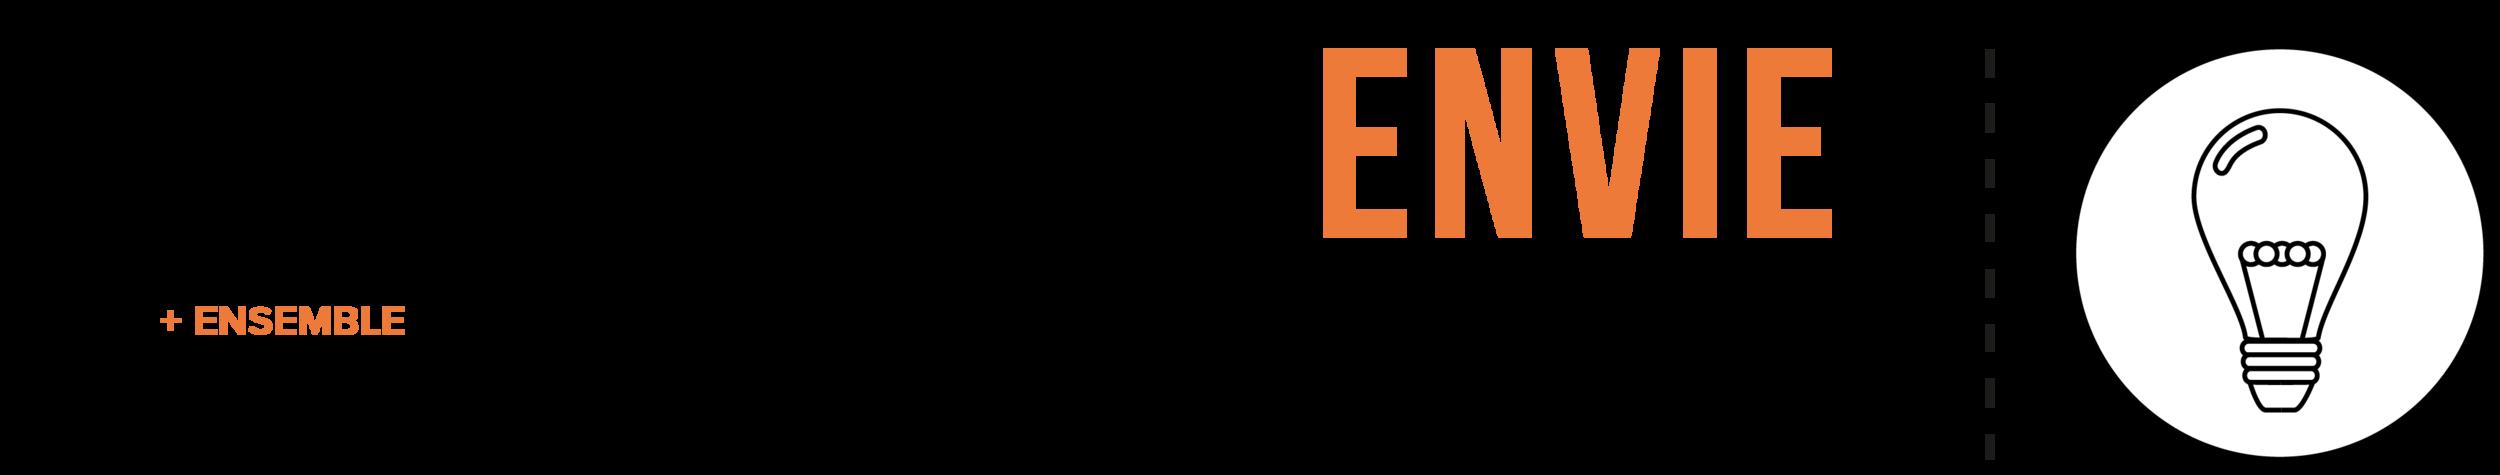 + ENSEMBLE - 1.ENVIE.png